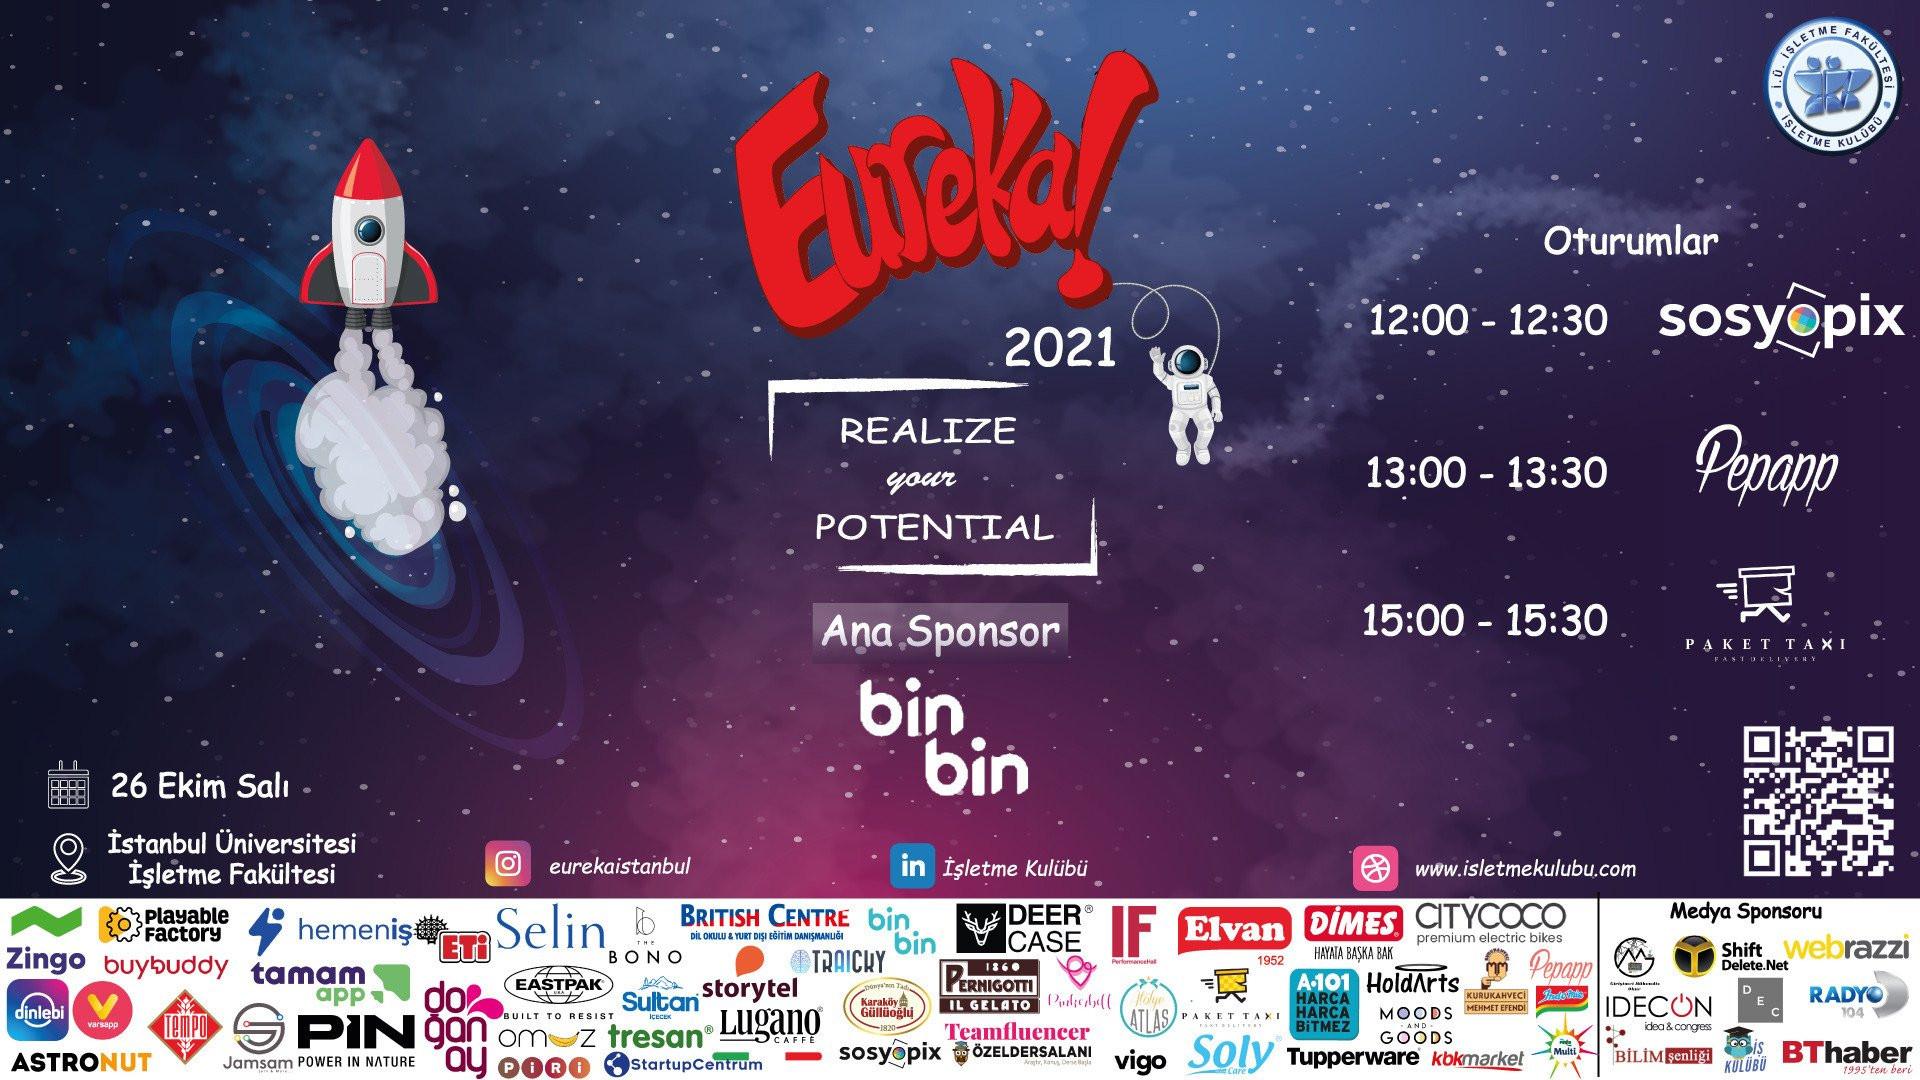 Eureka'21 etkinliği